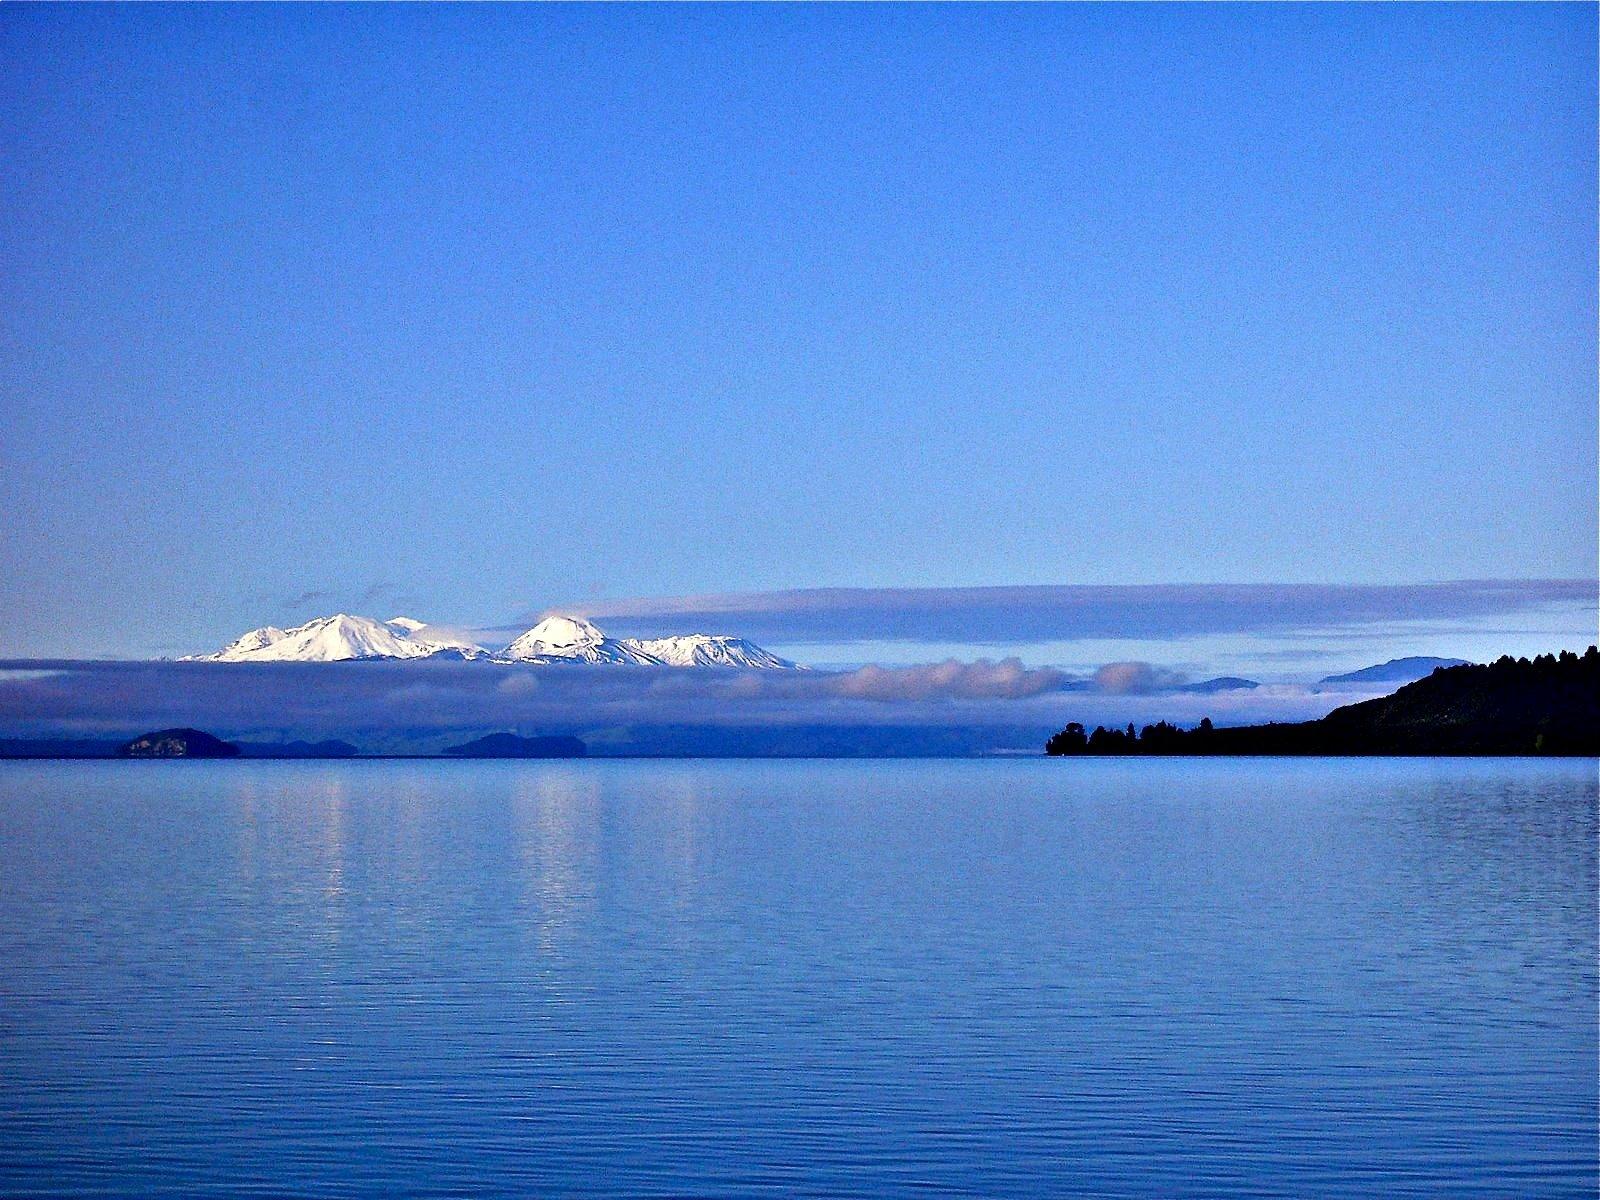 Lake-Taupo